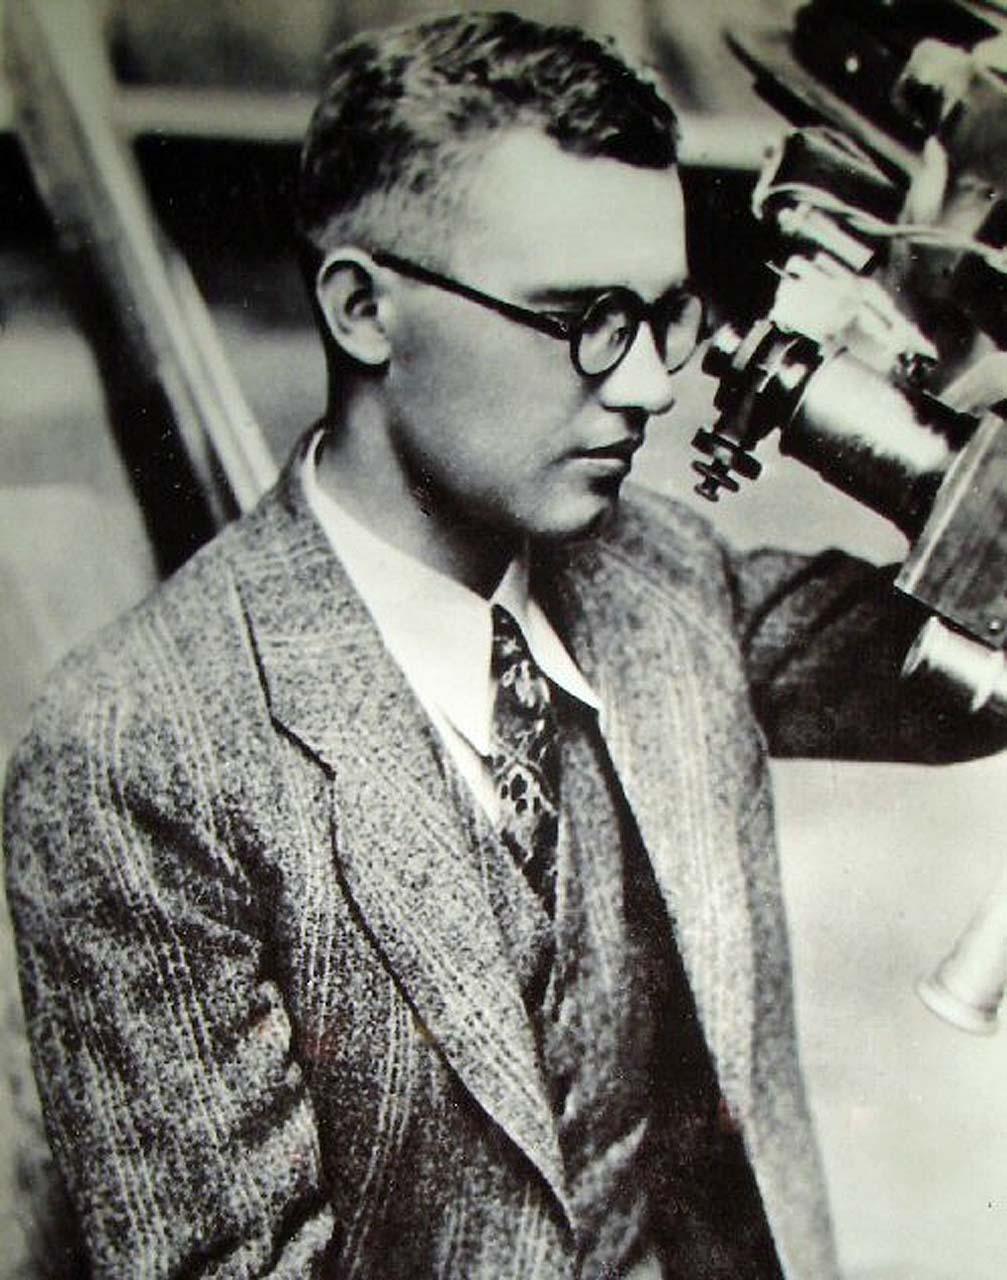 Плутон обнаружил в 1930 году американец Клайд Томбо — человек с весьма необычной биографией. Он вырос в семье бедного фермера, его формальное образование ограничилось школой, но он сам строил свои телескопы и делал зарисовки планет («Они вечно меняются!»), что помогло получить место лаборанта в легендарной обсерватории Лоуэлла. Томбо мечтал побывать на другой планете — и теперь его мечта в каком-то смысле осуществится: частица его праха находится на борту New Horizons.